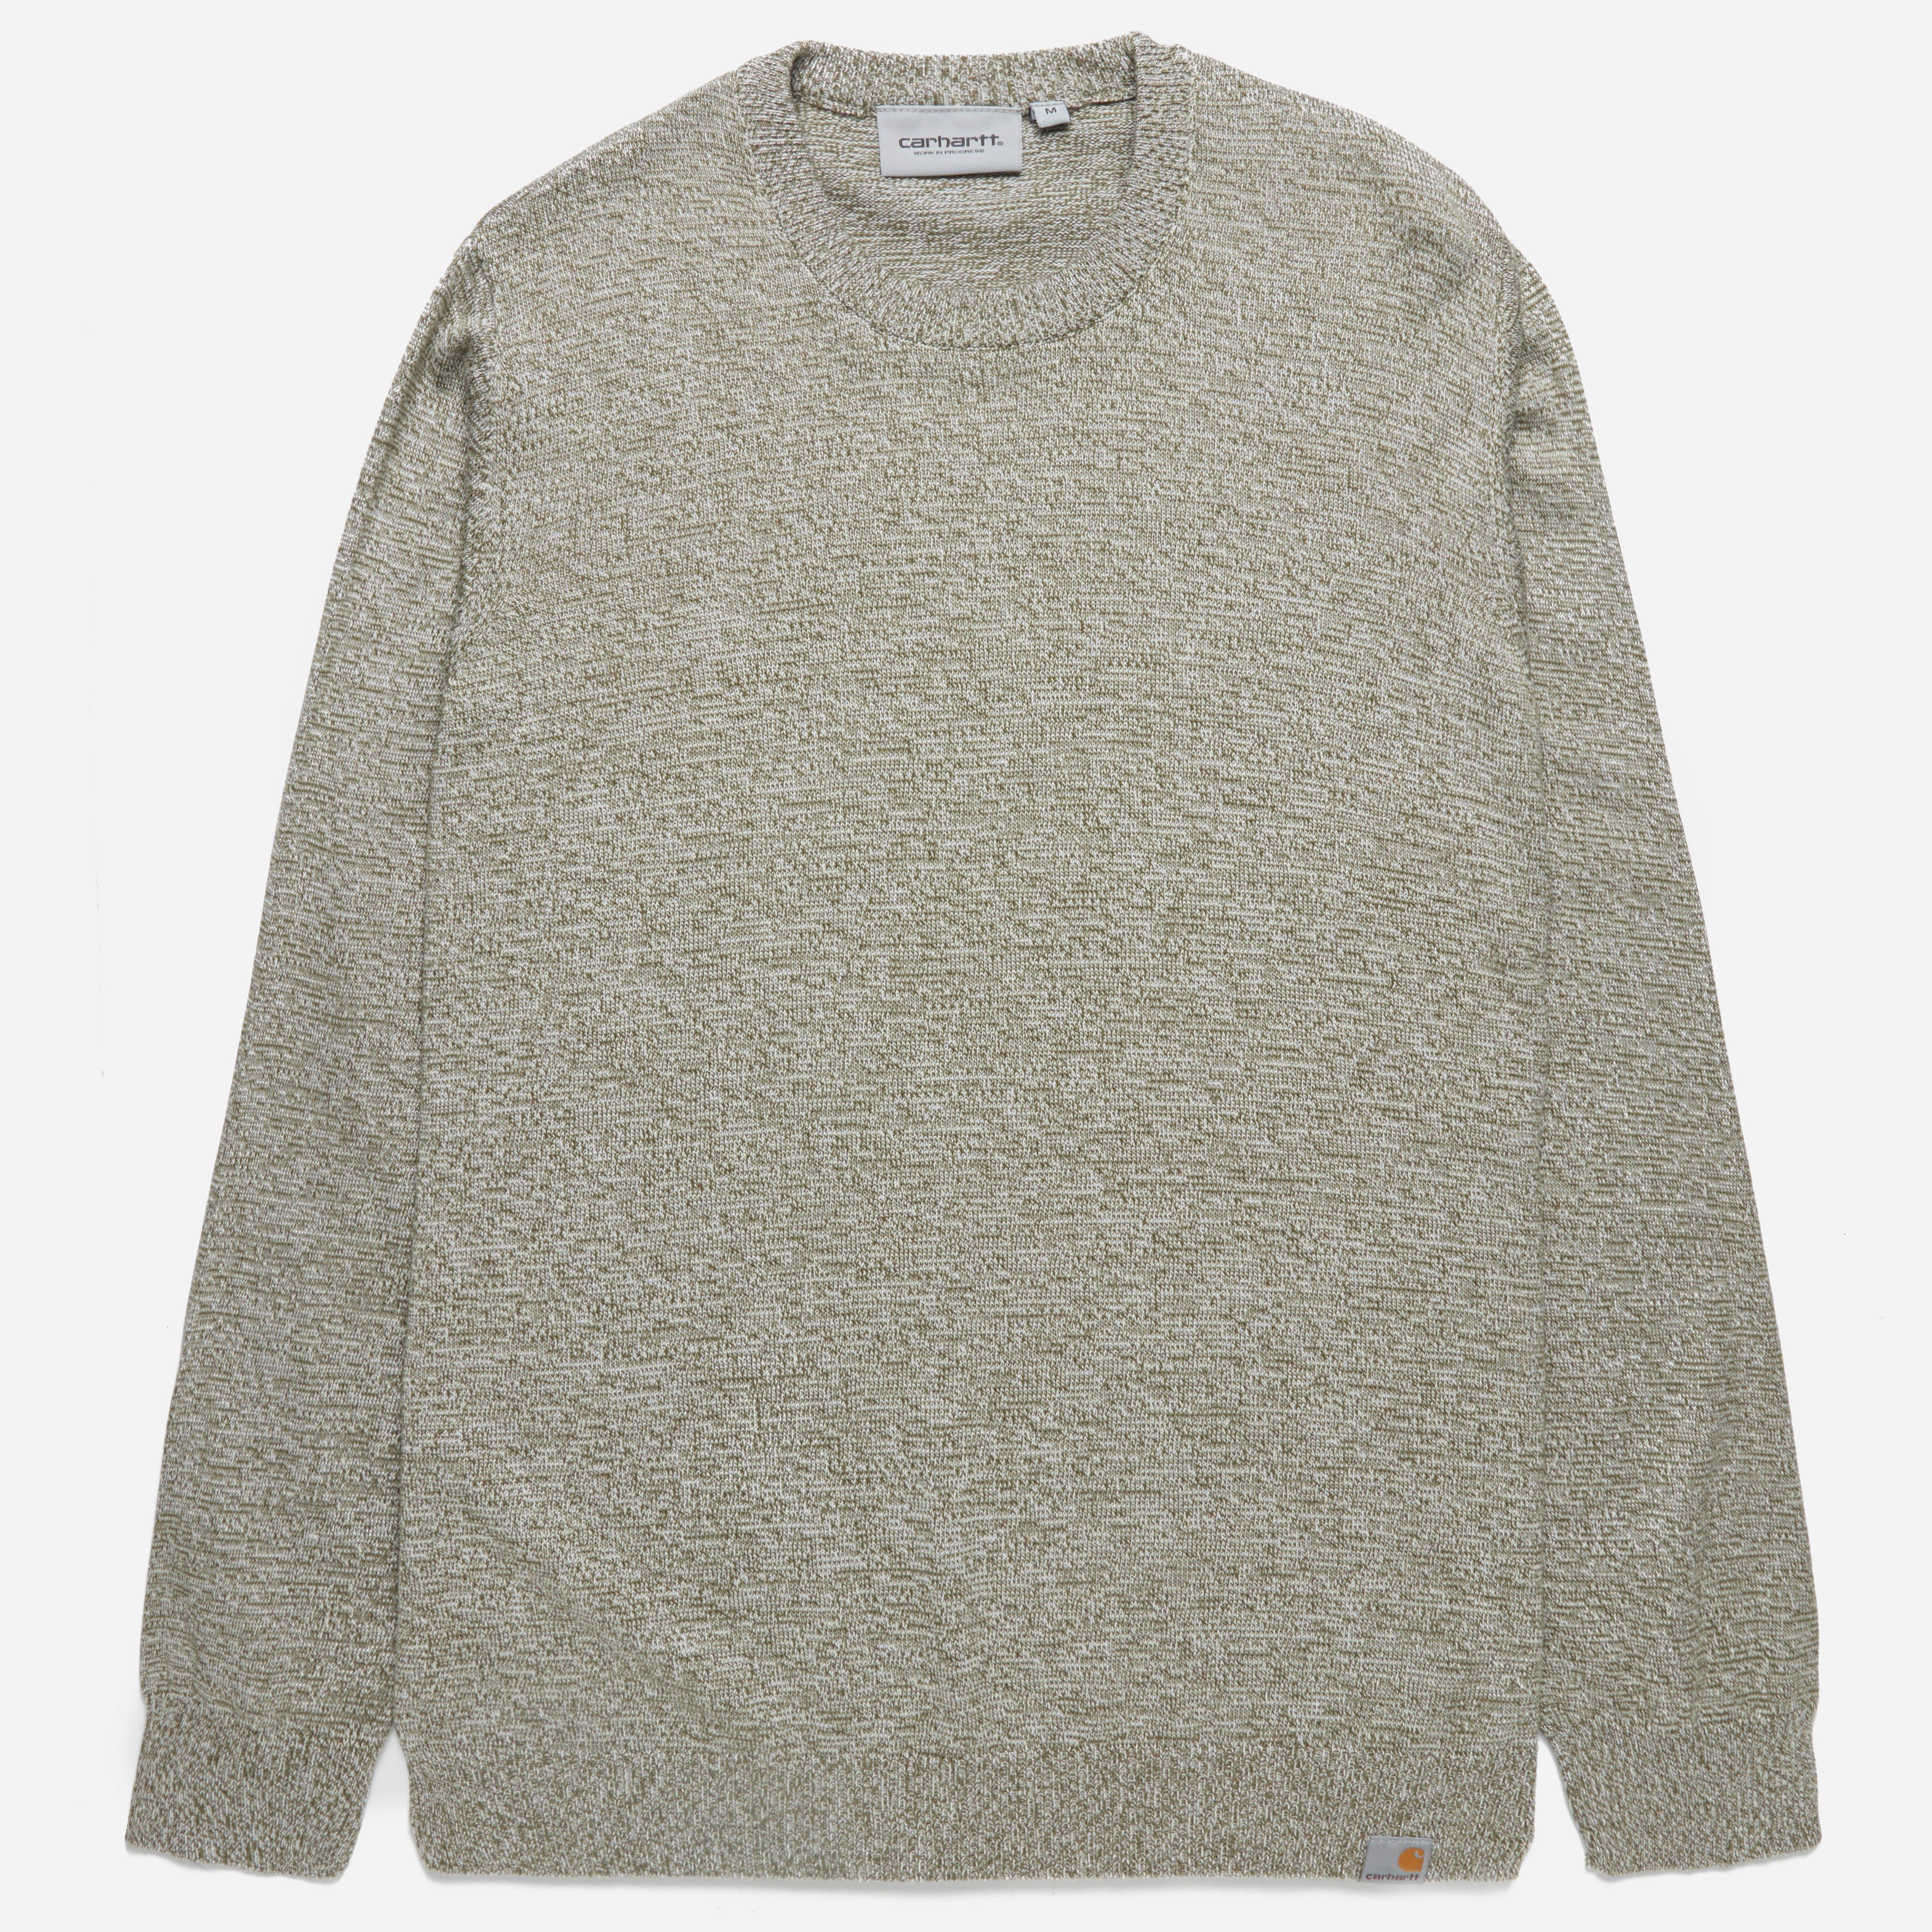 Carhartt Toss Knit